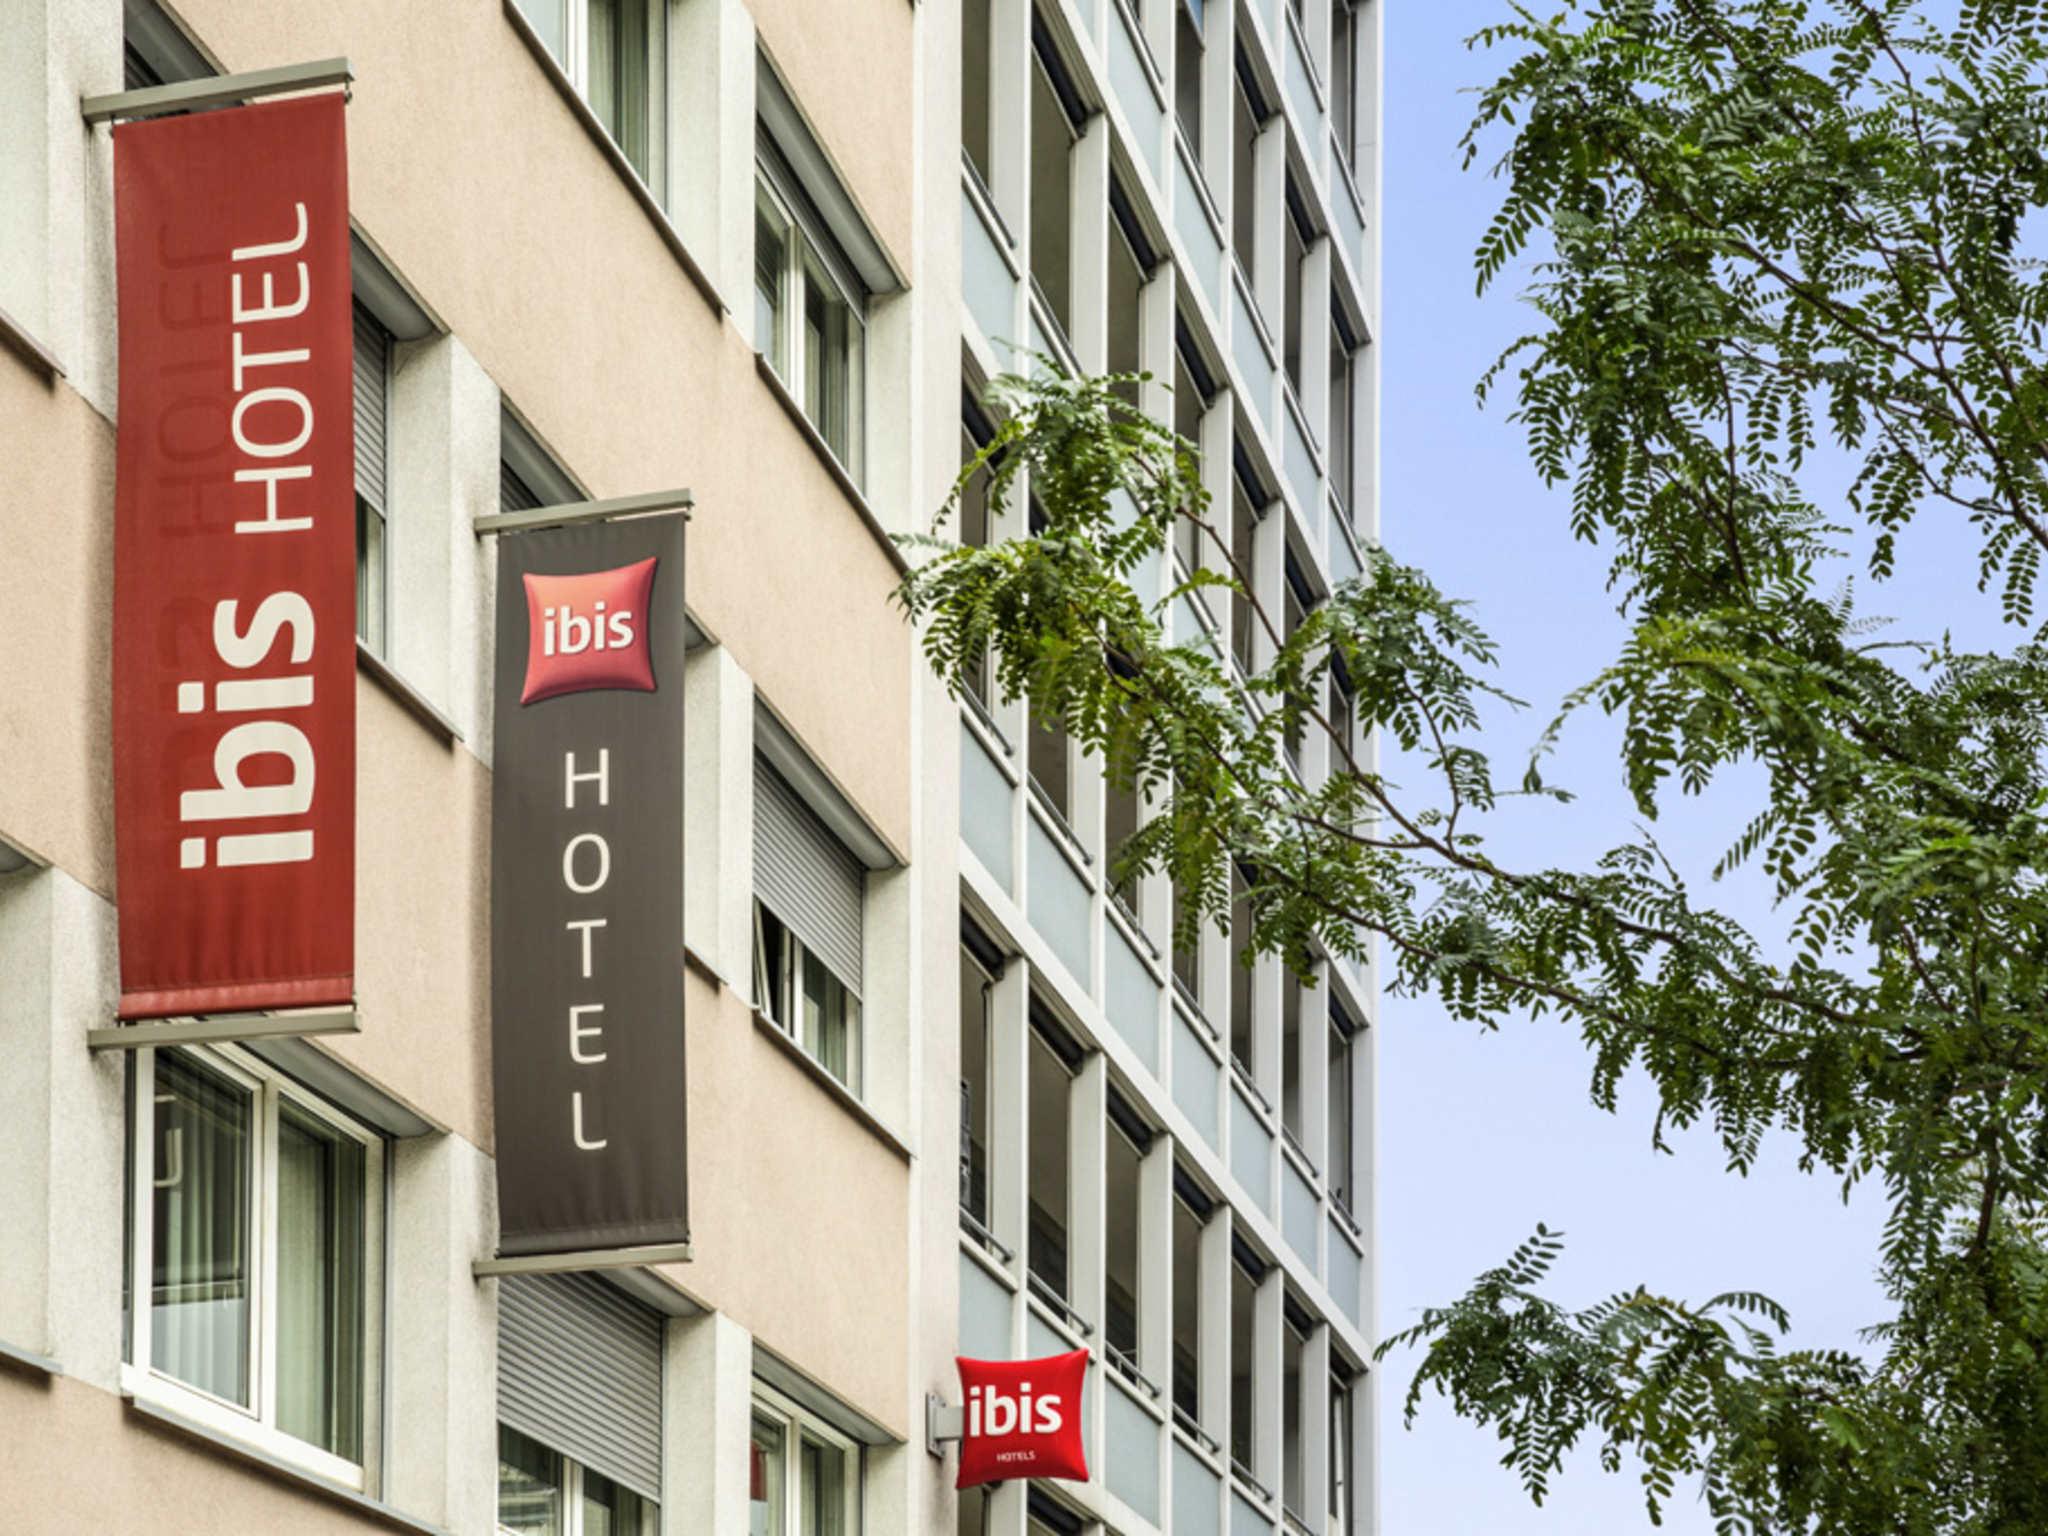 โรงแรม – ไอบิส เจนีวา เซ็นเตอร์ การ์